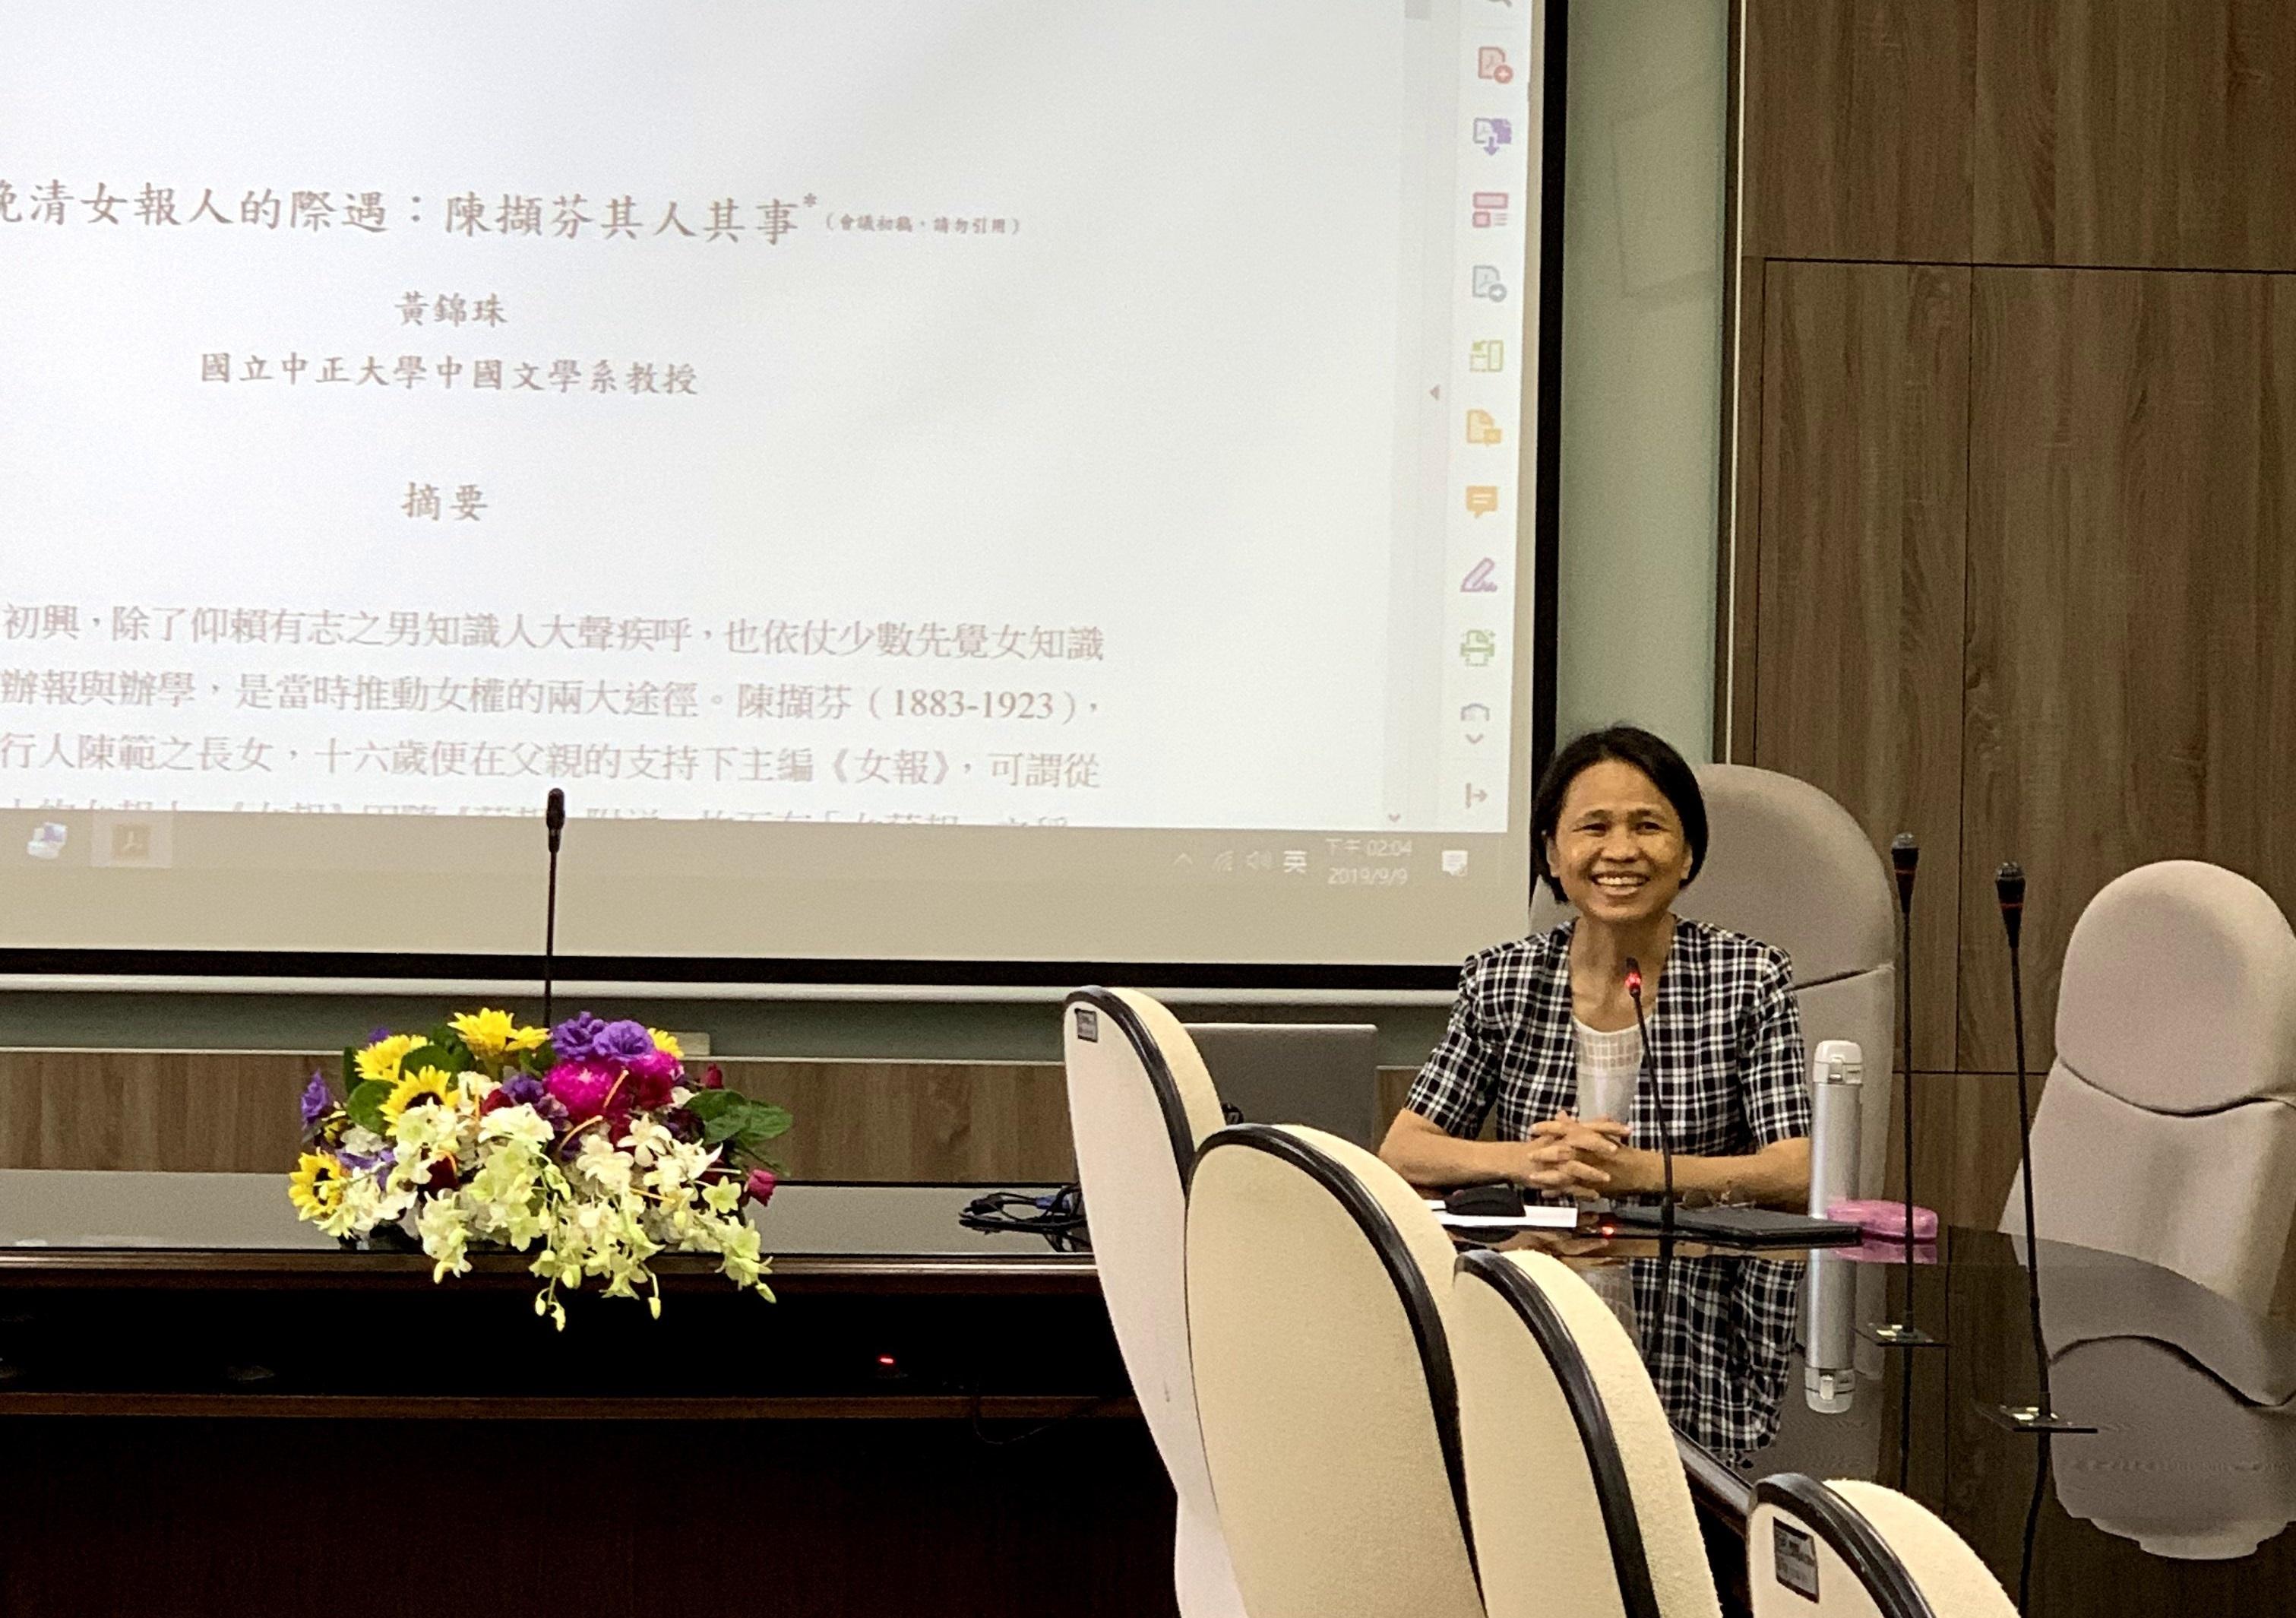 黃錦珠教授演講「一位晚清女報人的際遇:陳擷芬其人其事」紀要